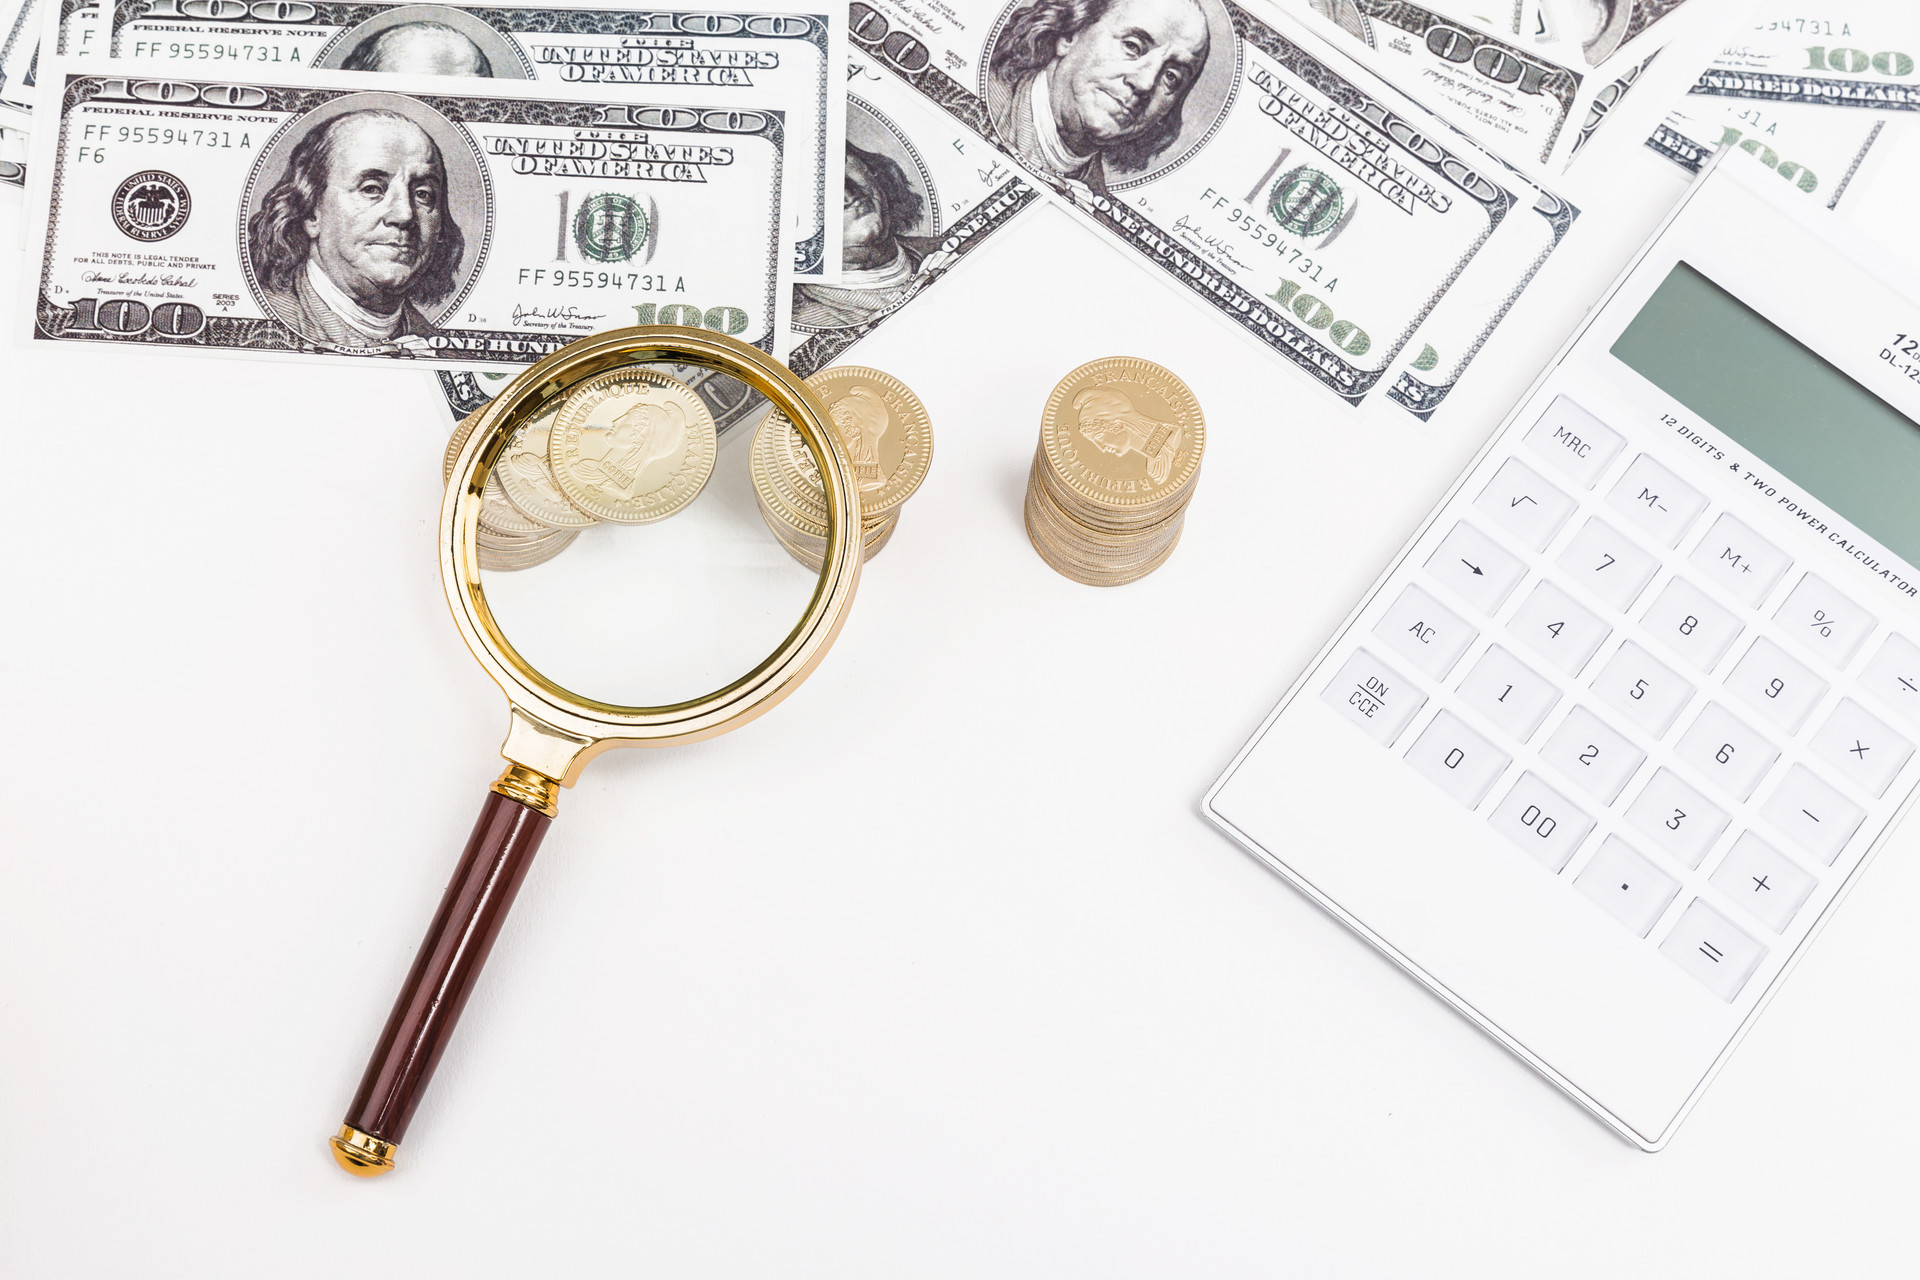 货币与监管系列报告:如何理解